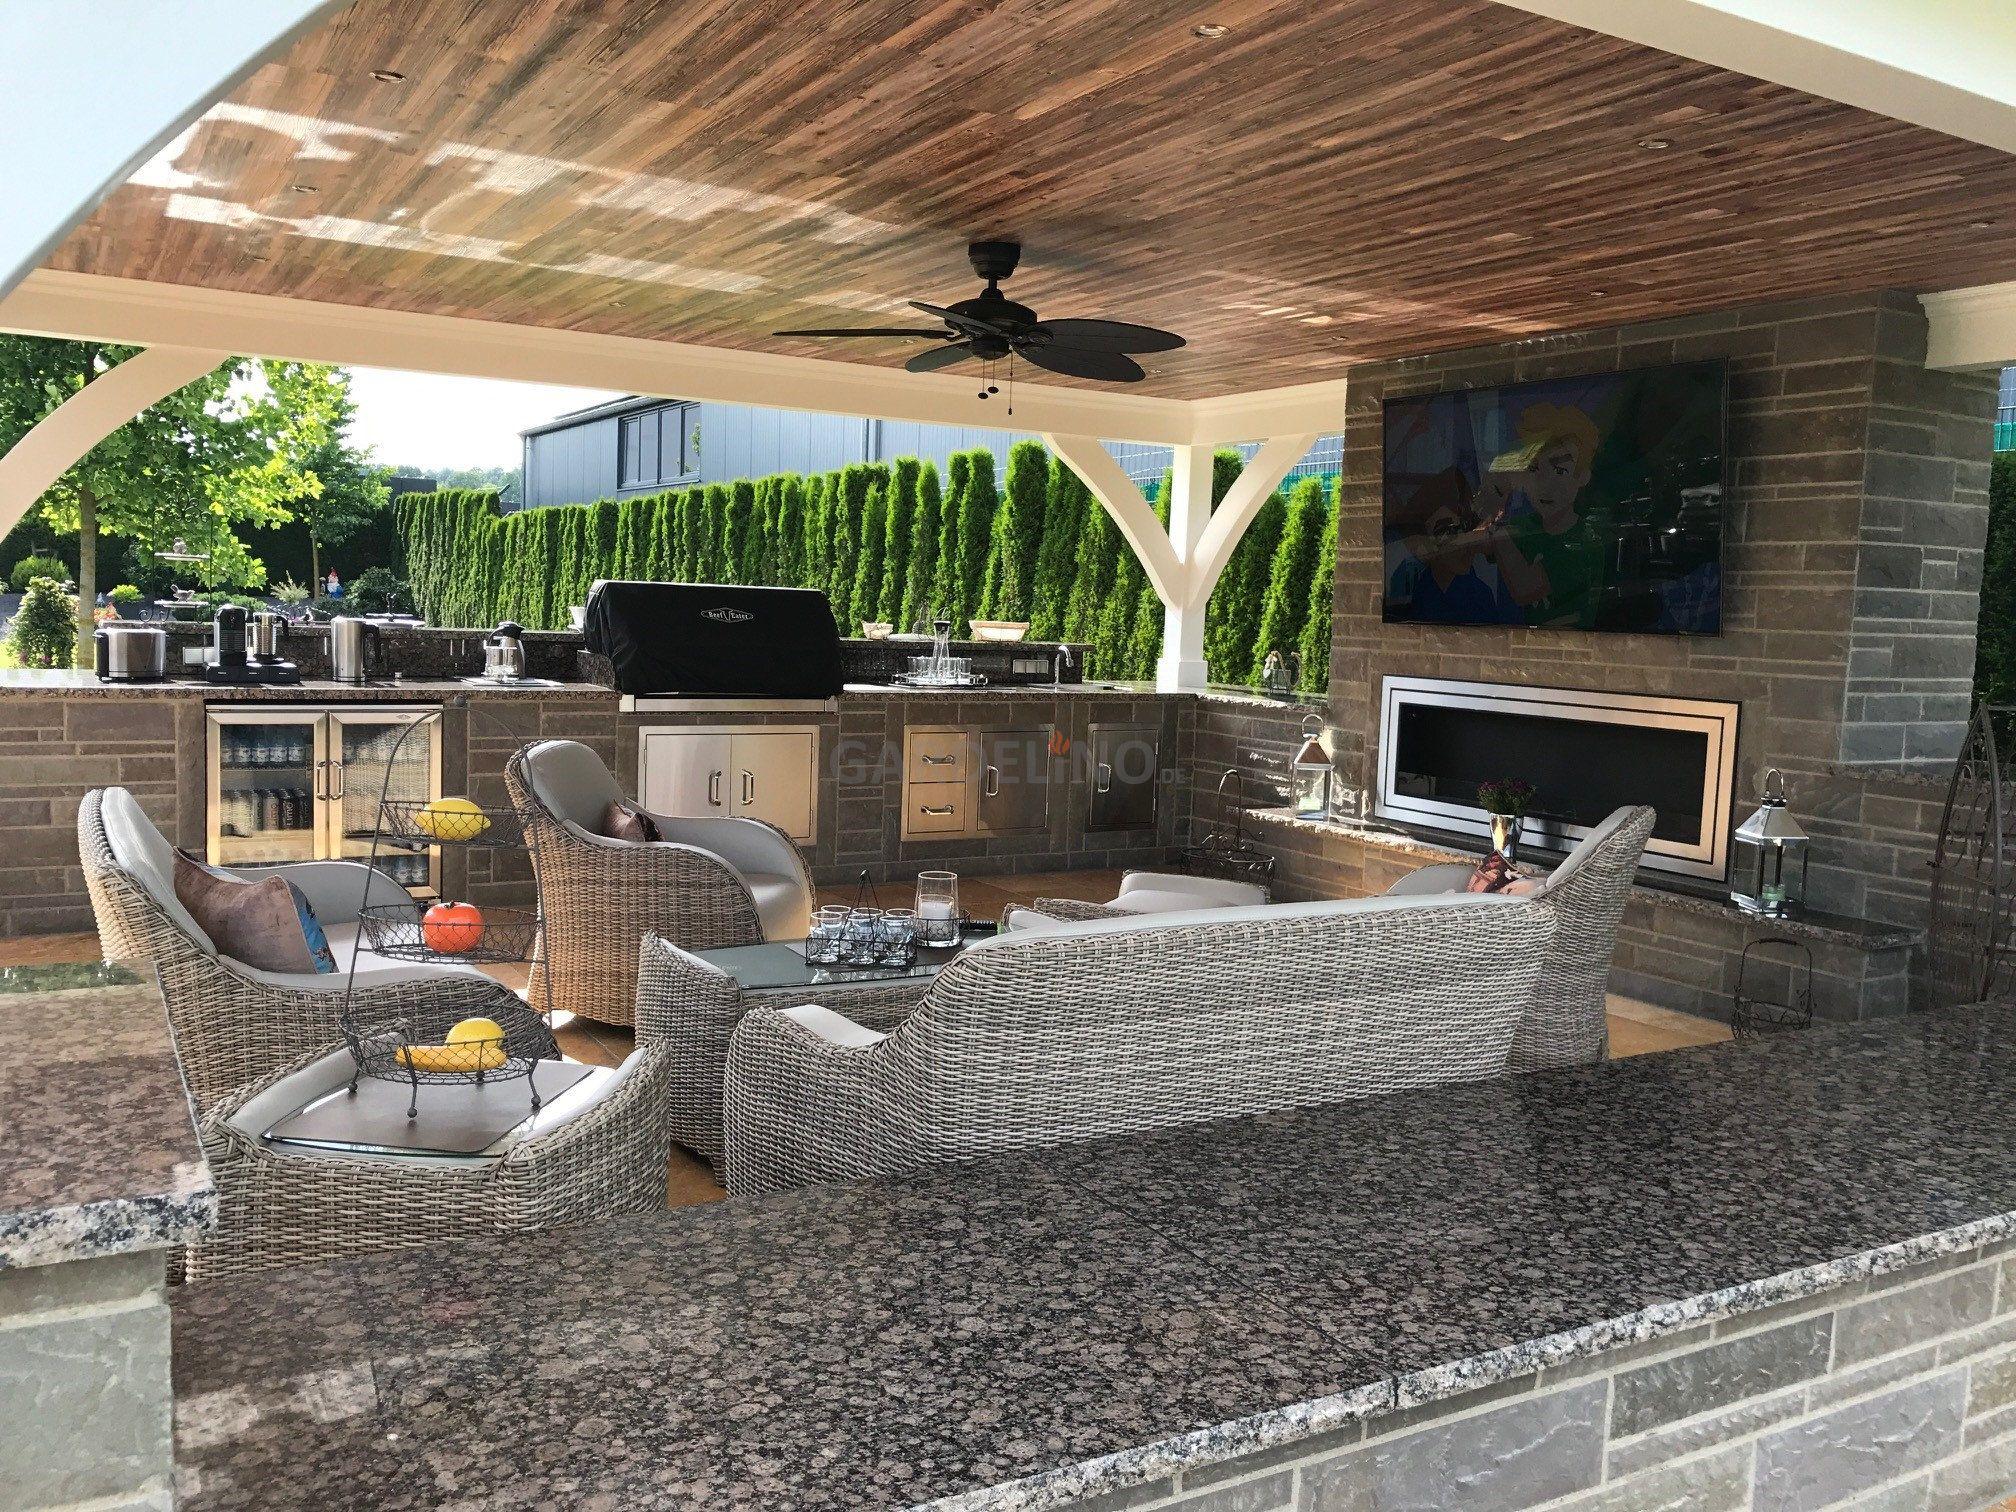 Beefeater Einbautür Für Außenküchen : Luxus outdoorküche mit beefeater grill joko domus teppanyaki